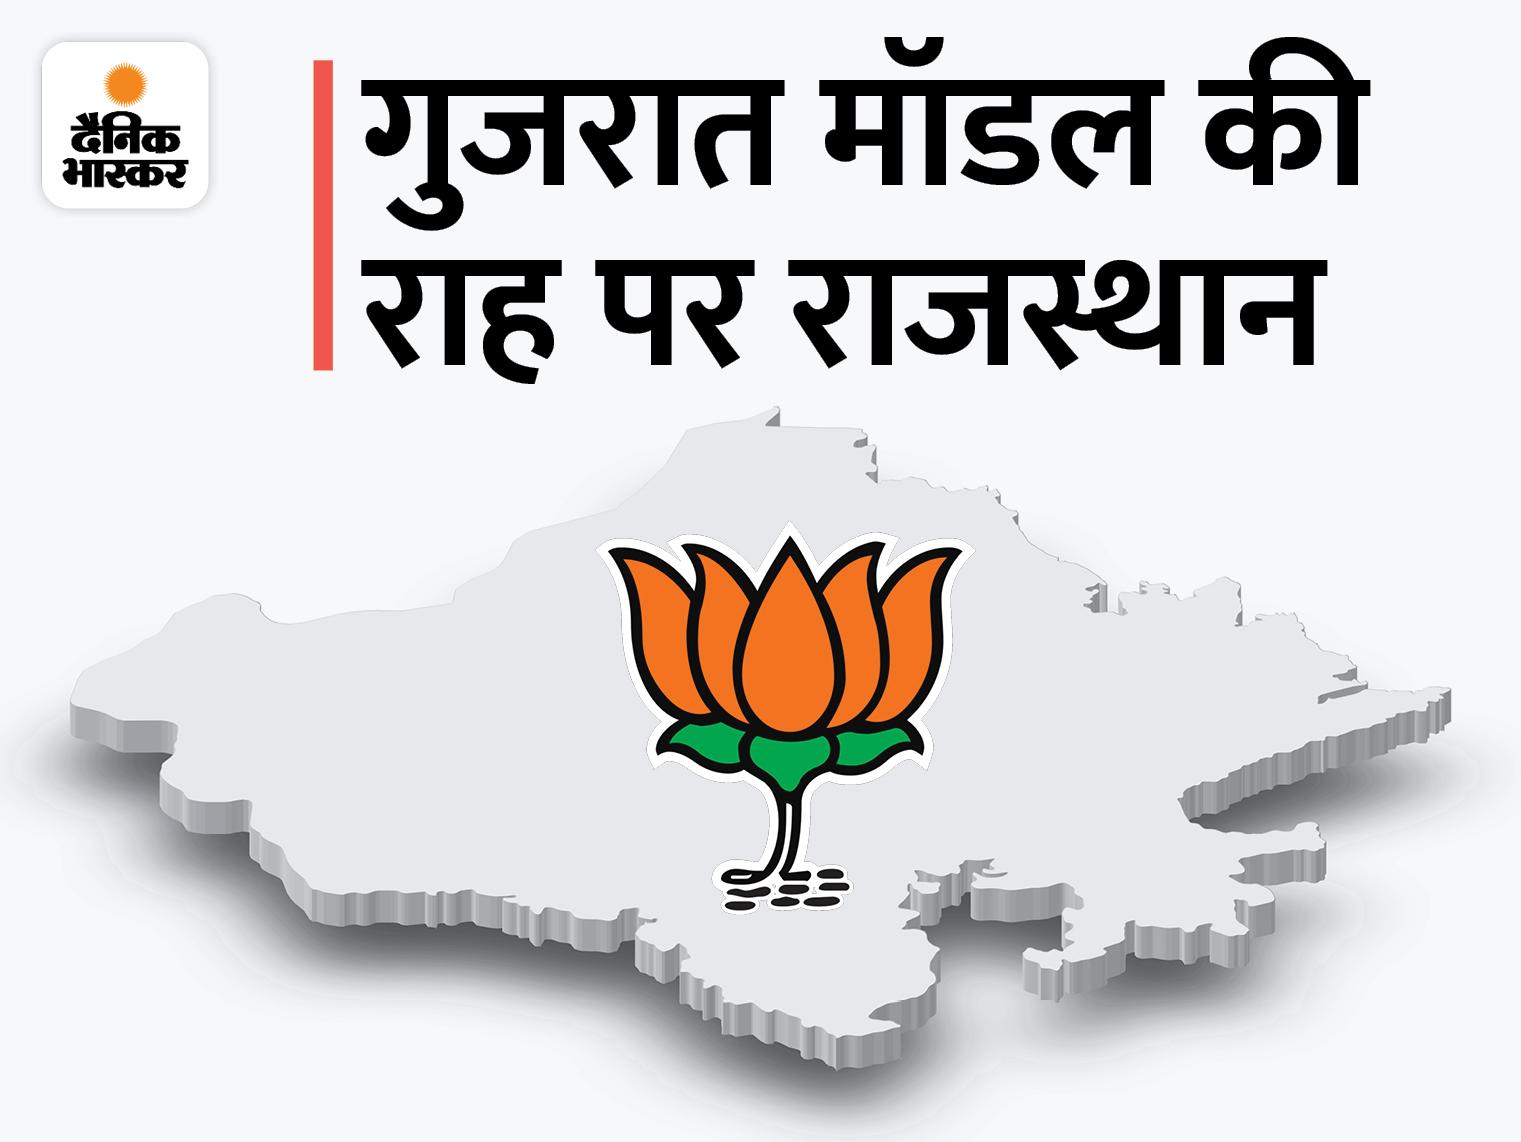 बिना सीएम प्रोजेक्ट किए पीएम मोदी के चेहरे पर विधानसभा चुनाव लड़ेगी बीजेपी, नेताओं को खींचतान मिटाने का साफ संदेश|जयपुर,Jaipur - Dainik Bhaskar